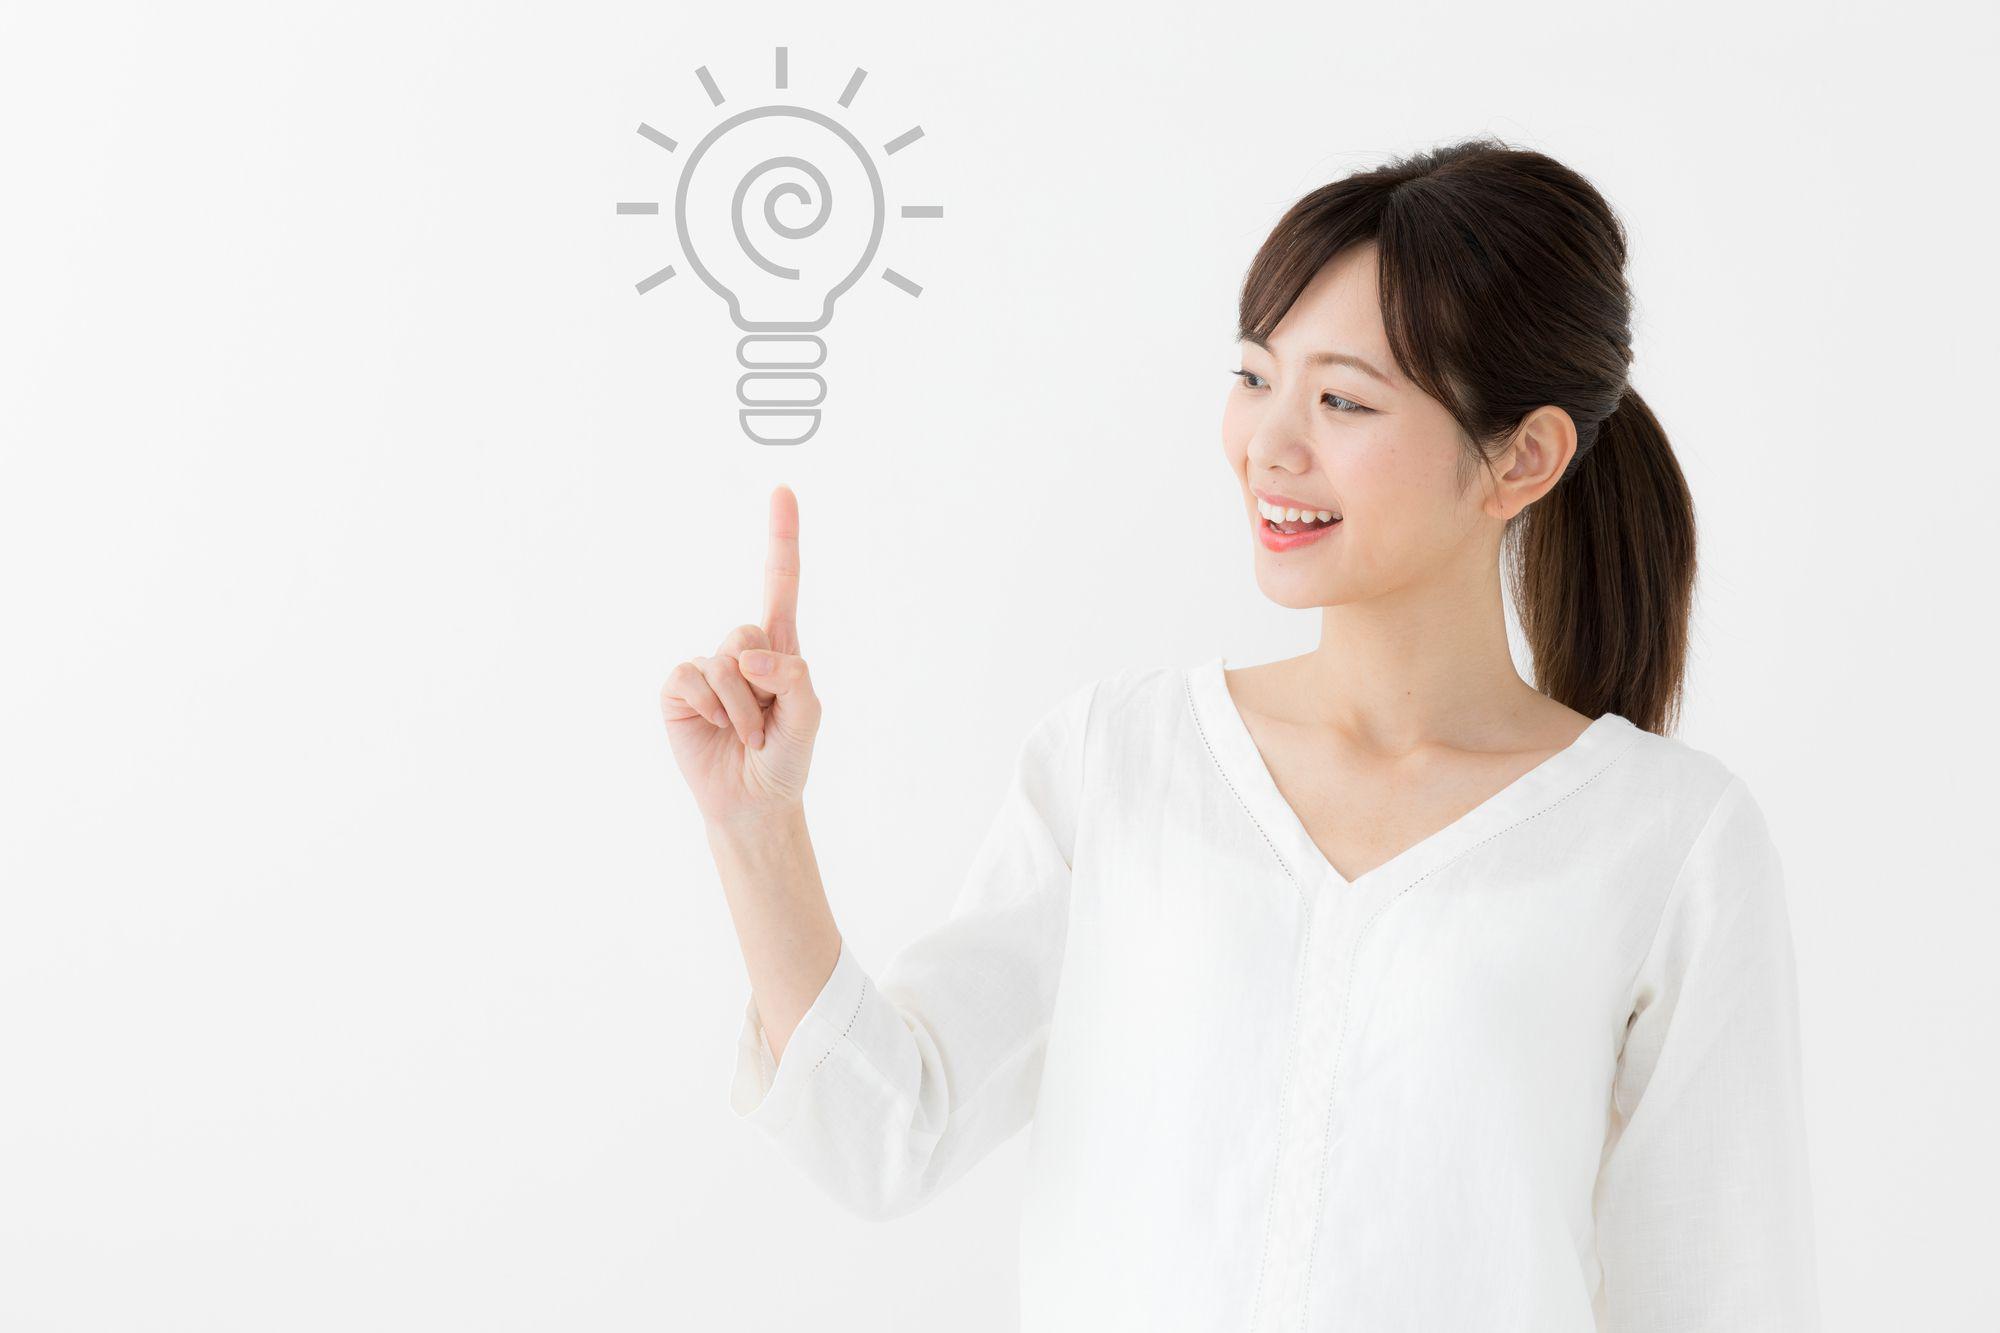 名古屋の声優養成所のオーディションに合格するためにやるべき努力